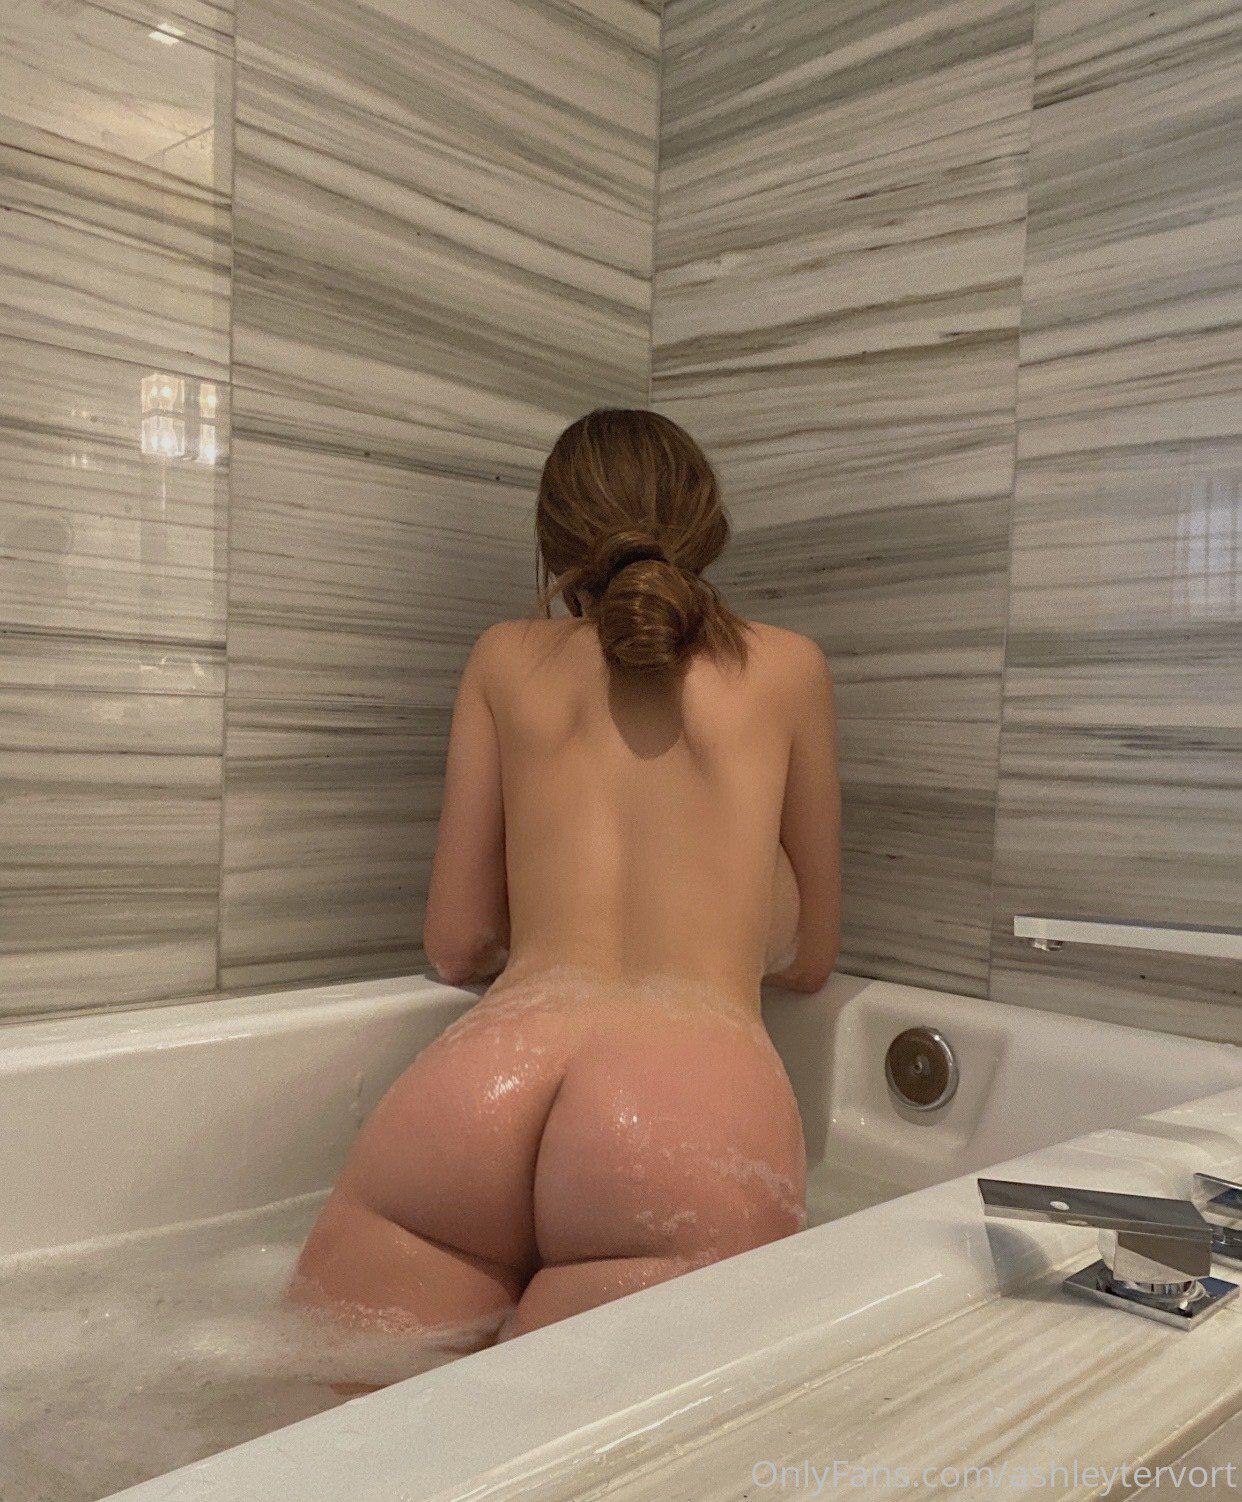 Ashley Tervort Naked Body